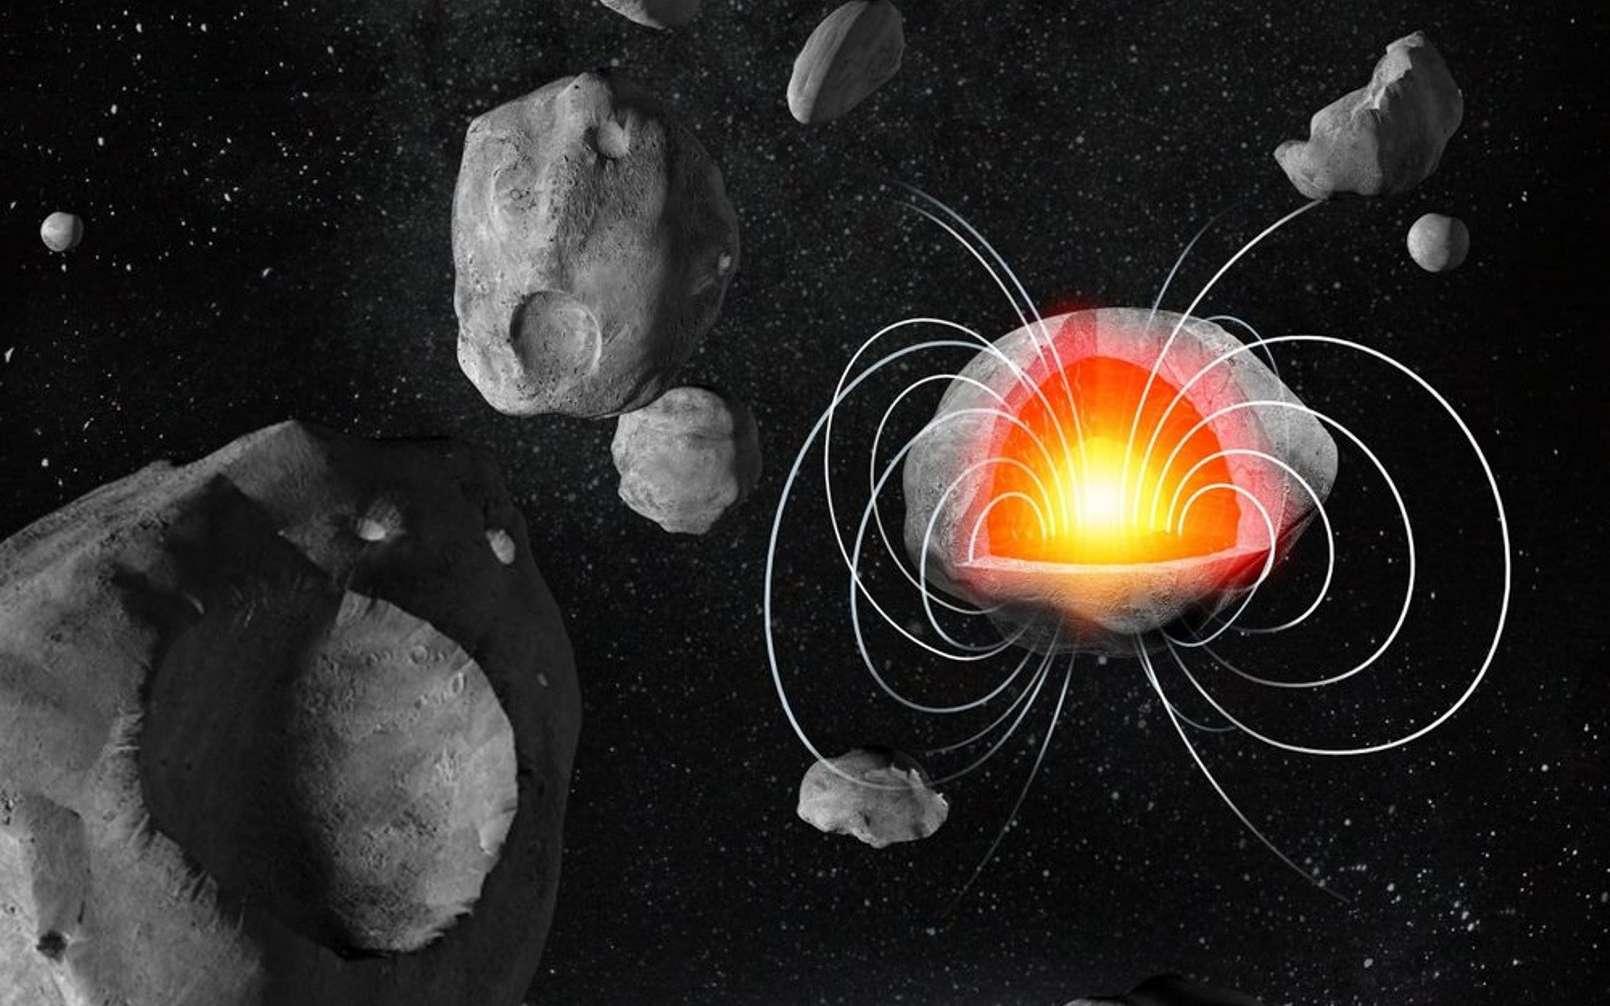 Une vue d'artiste des planétésimaux à l'aube de la naissance des planètes du Système solaire. Certains devaient posséder un noyau fondu métallique générant un champ magnétique à l'instar de la géodynamo de la Terre. © Daderot, DP